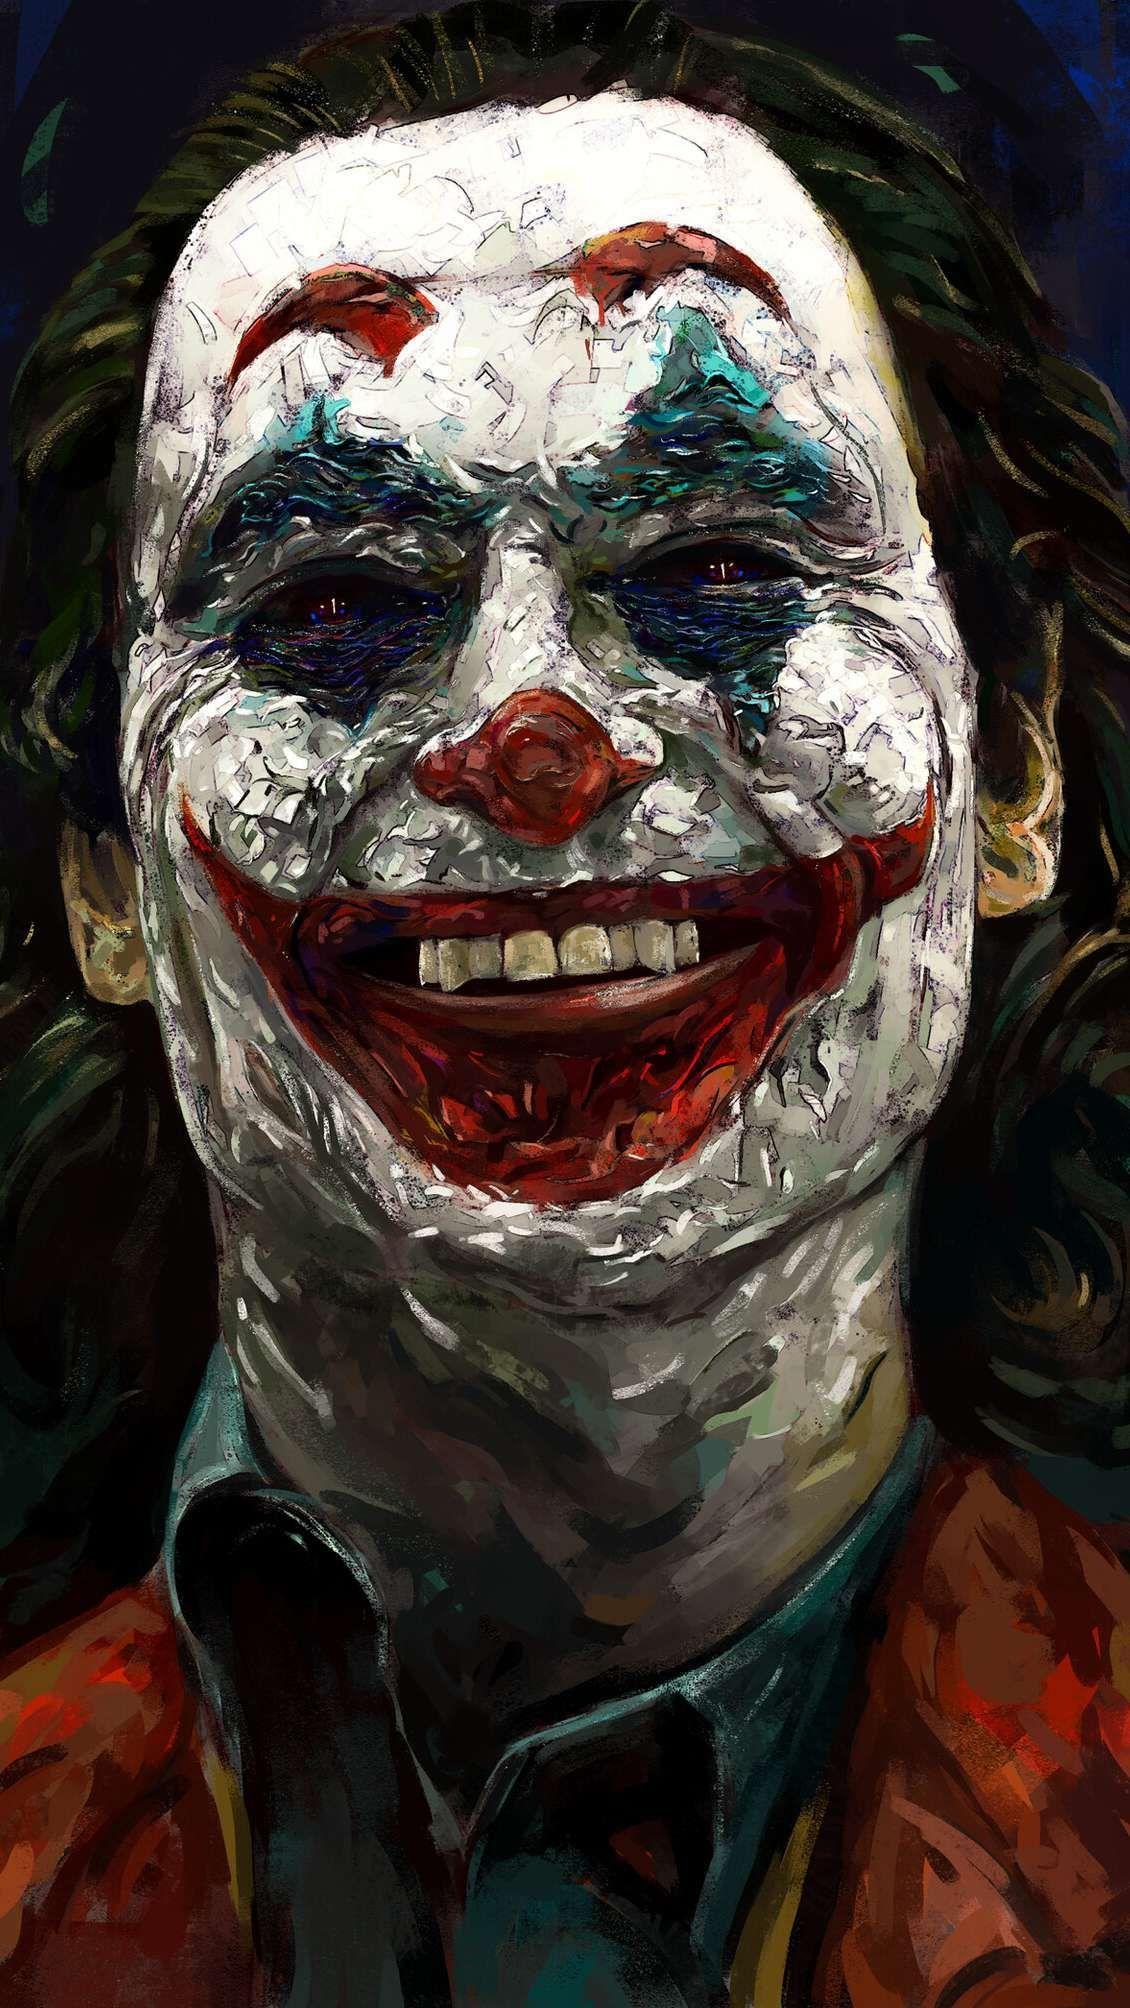 Joker 4k iPhone 11 Wallpapers - Wallpaper Cave